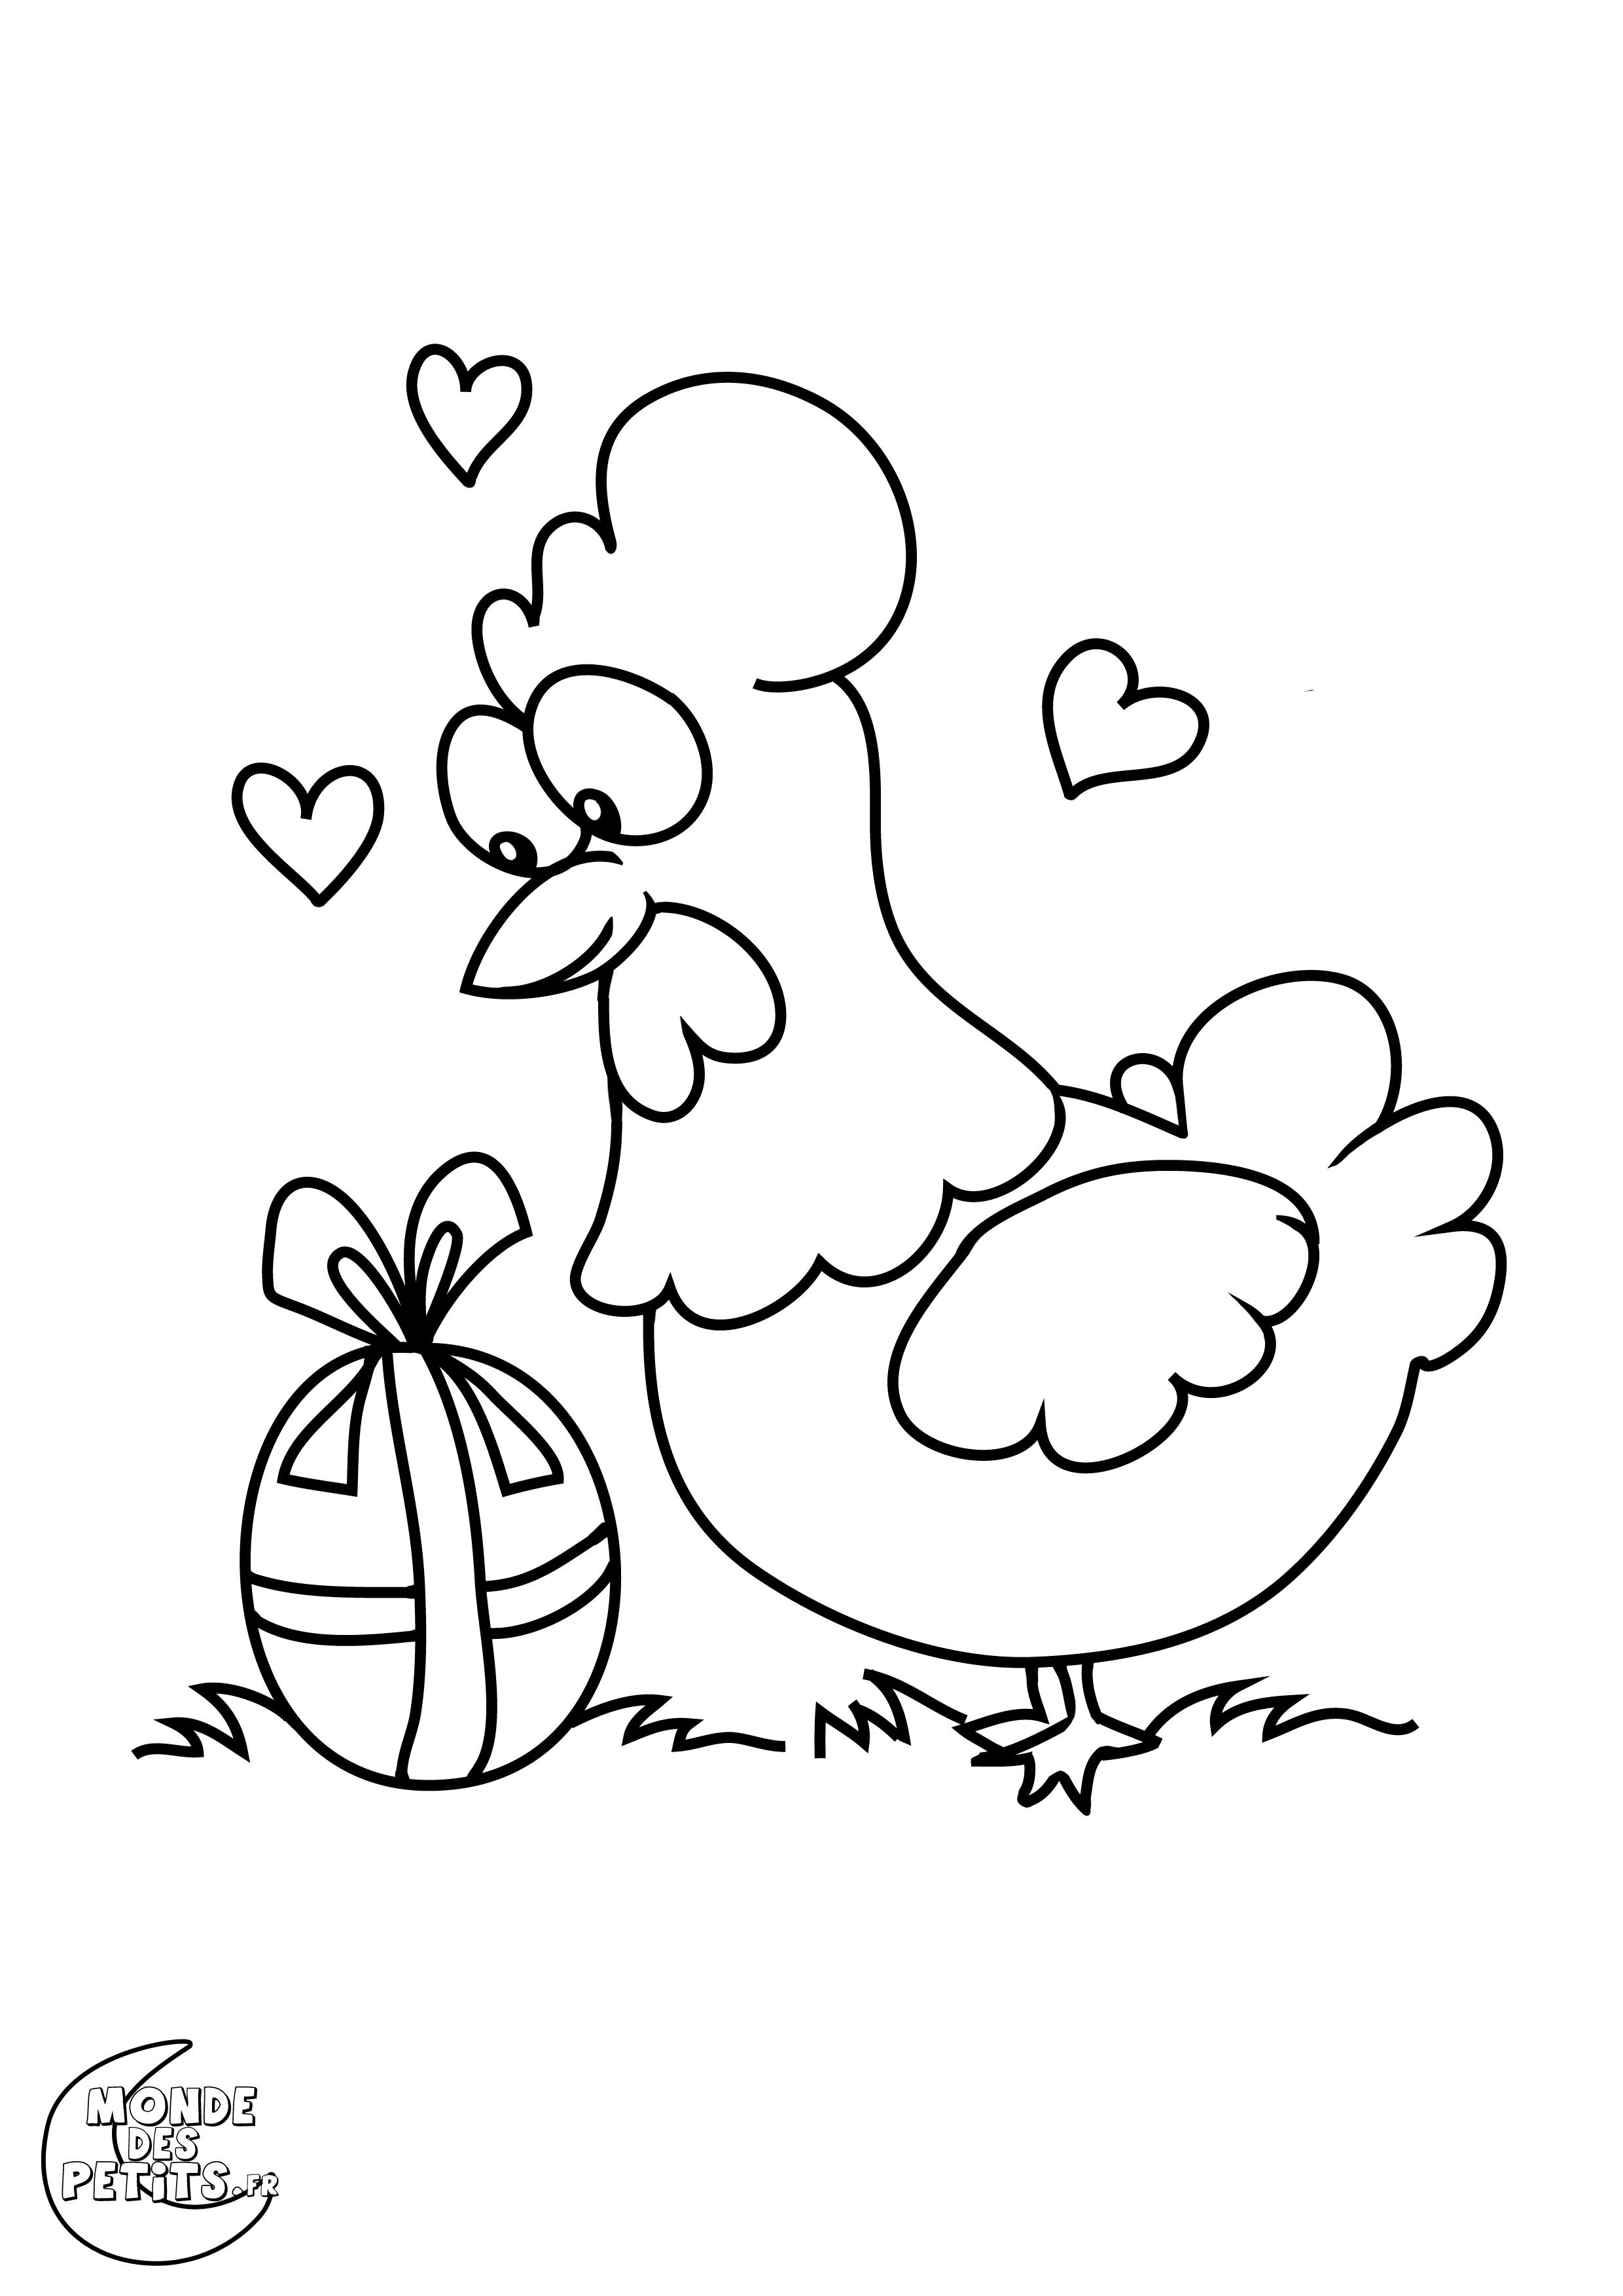 Meilleur De Coloriage Poule Et Poussin A Imprimer   Haut dedans Coloriage À Imprimer Joyeuses Pâques